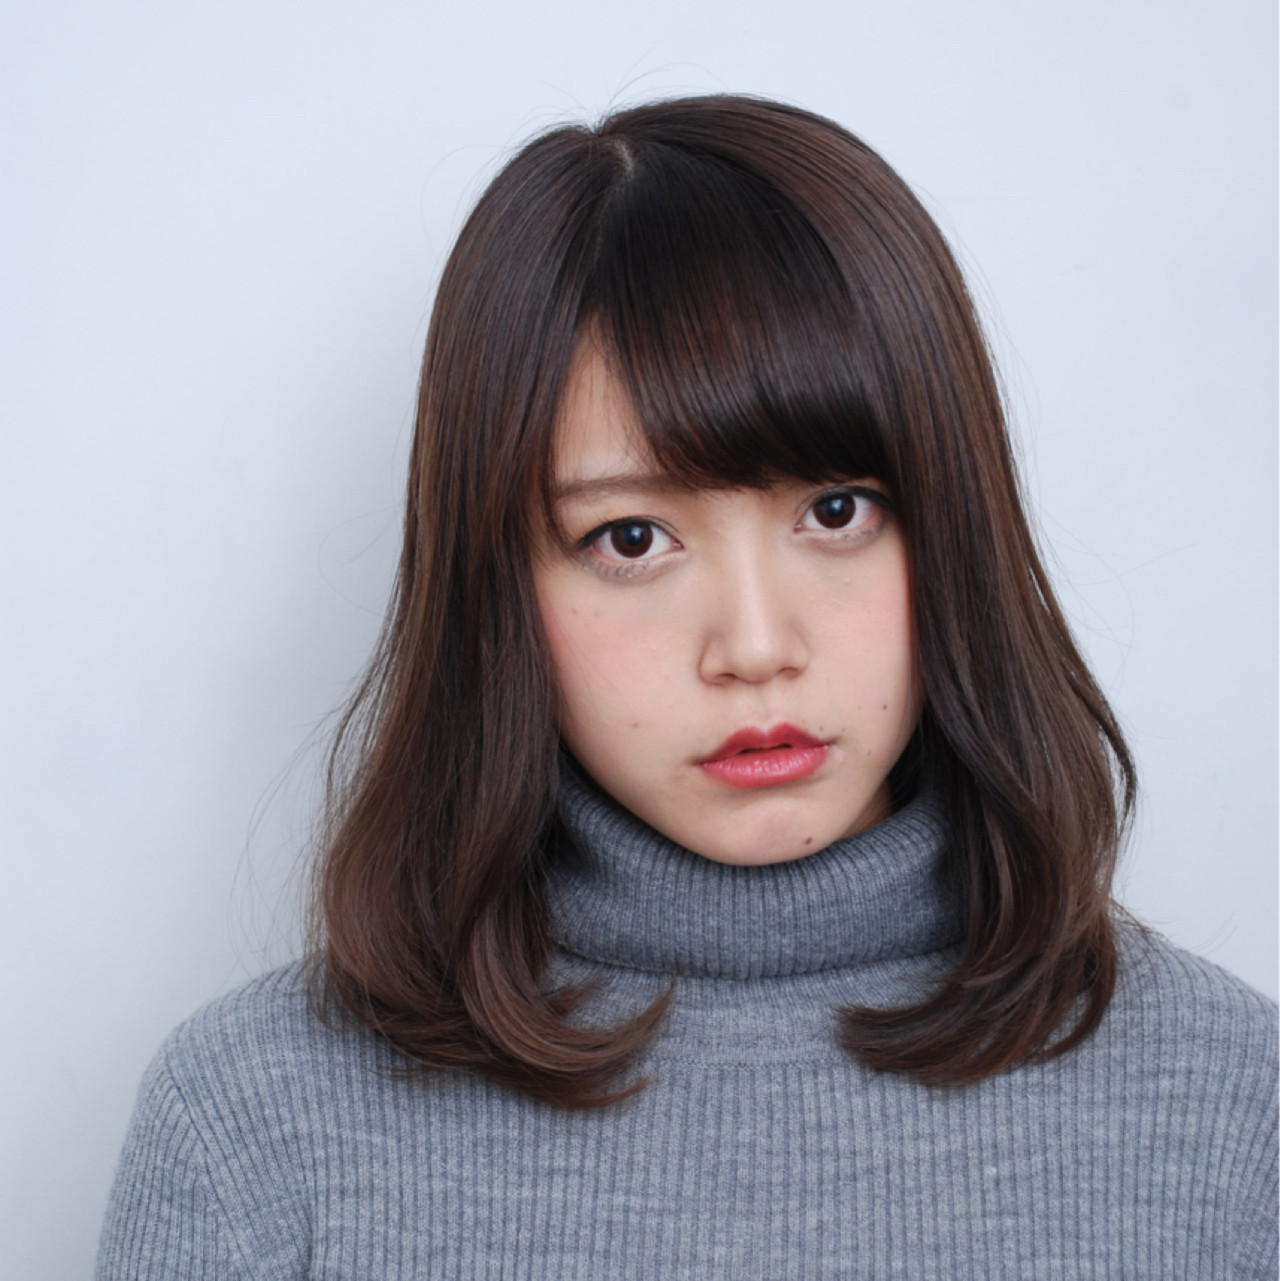 幸せをつかめ!アラサー女子のための婚活ヘアスタイル♡ 根岸 亮太 /Salon